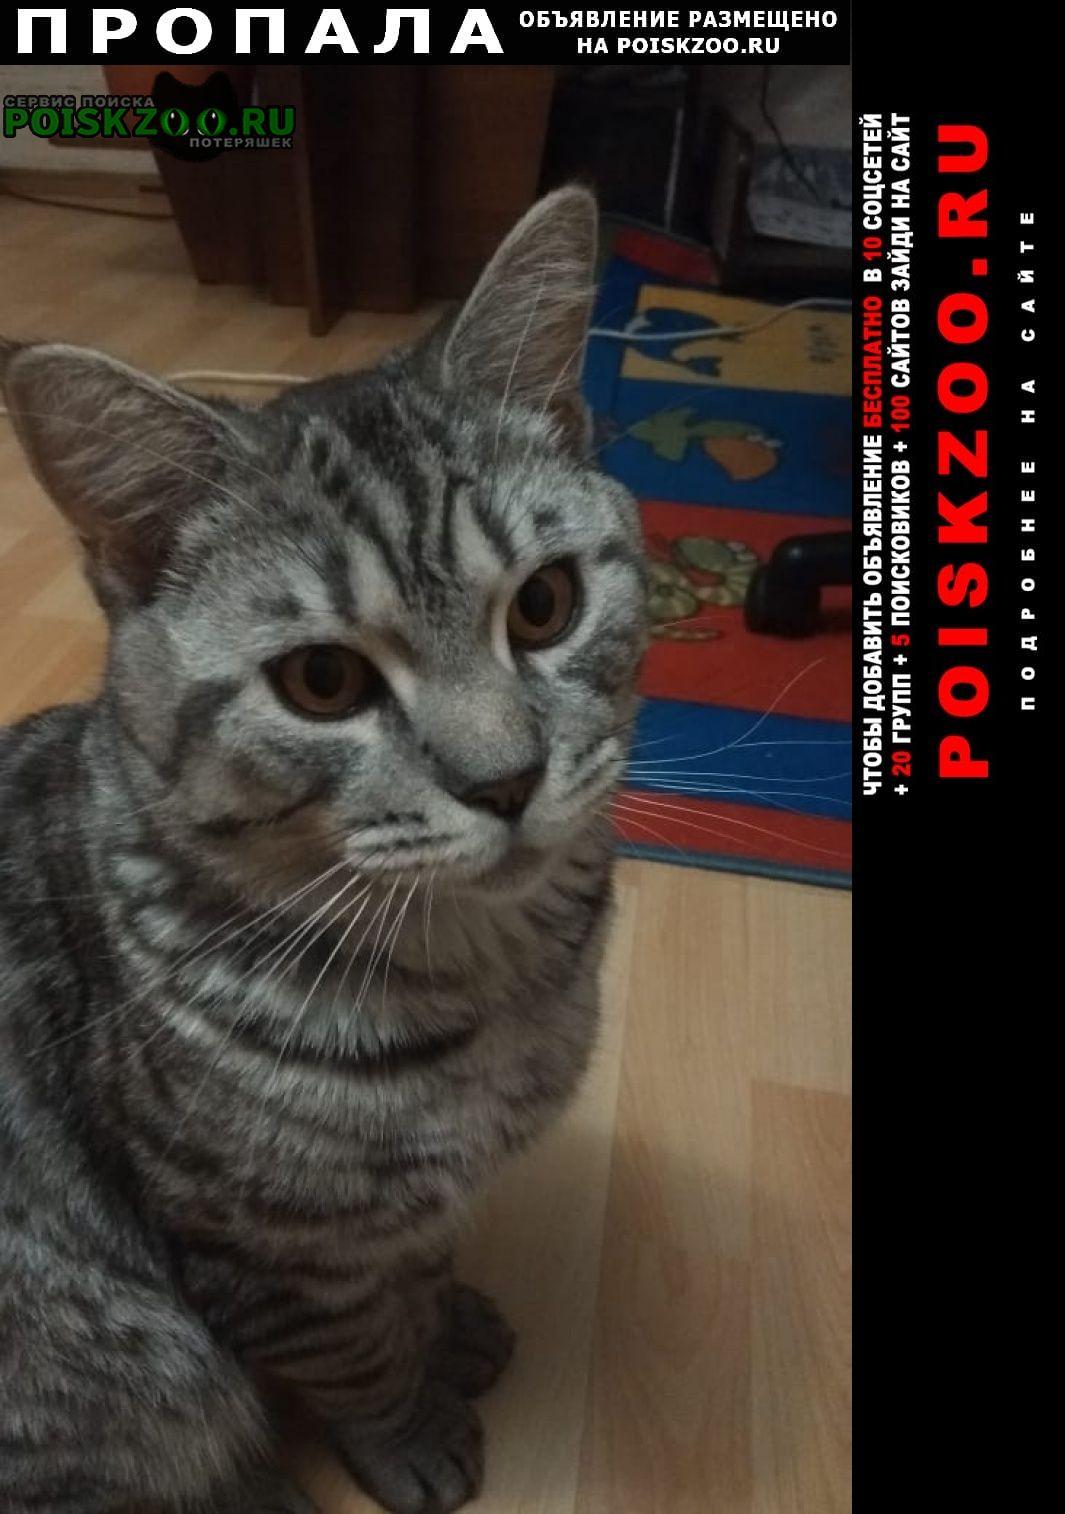 Пропала кошка кот серый, полосатый, 1.5 года Истра